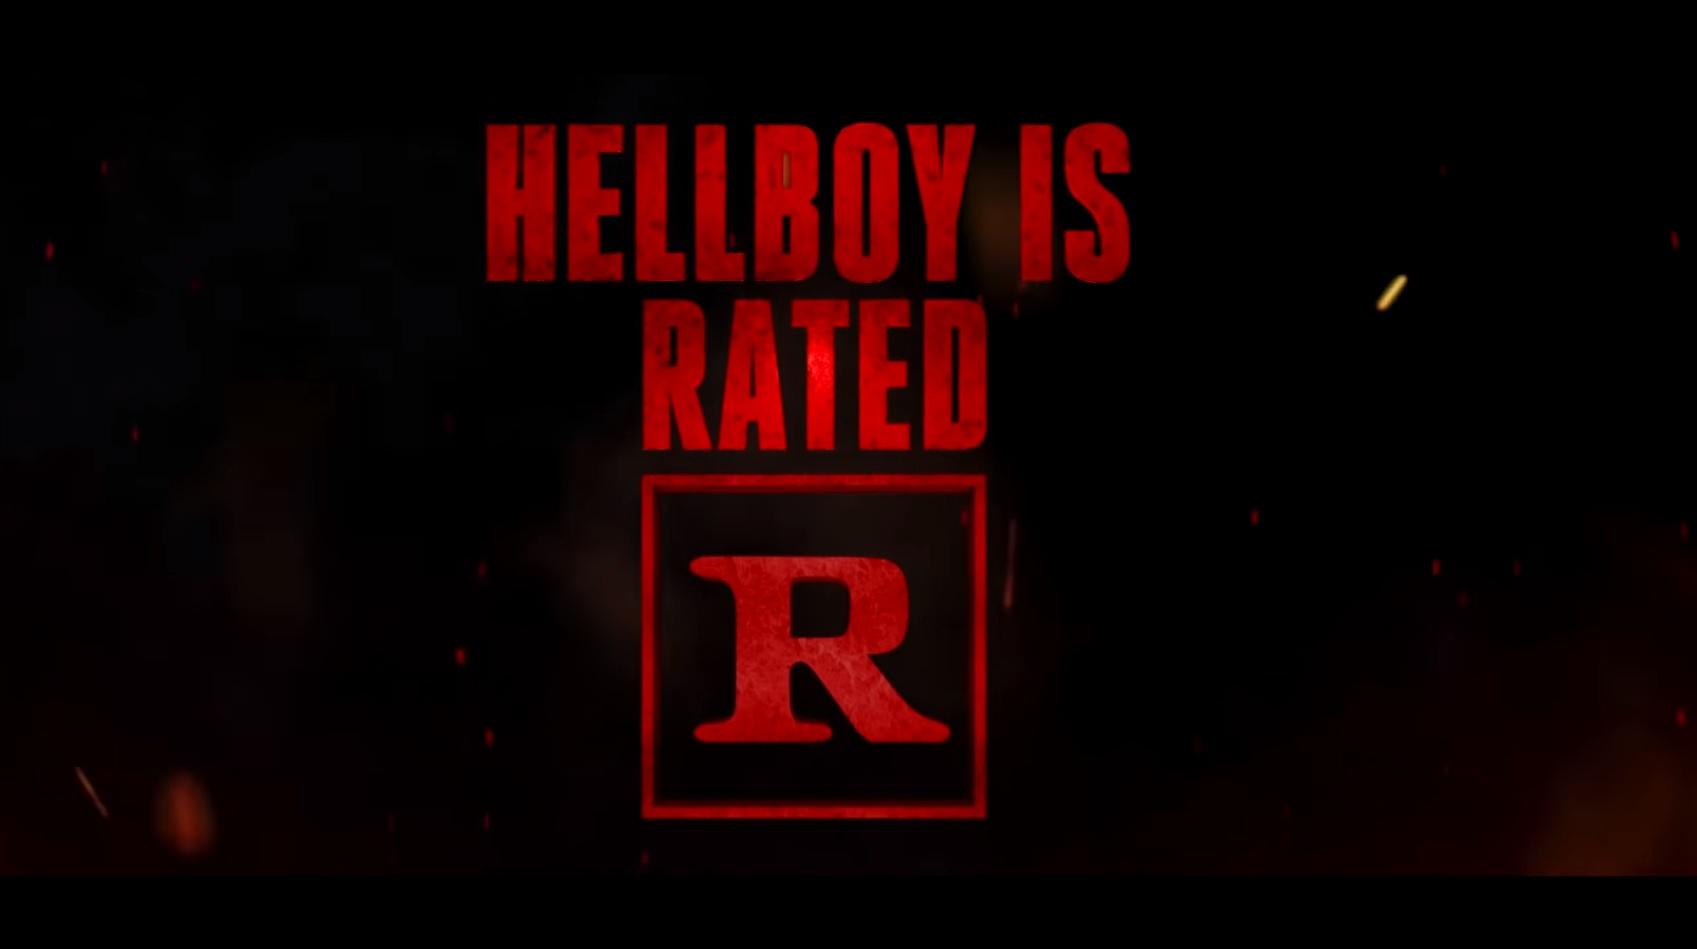 El nuevo adelanto de Hellboy es un festival de fatalities